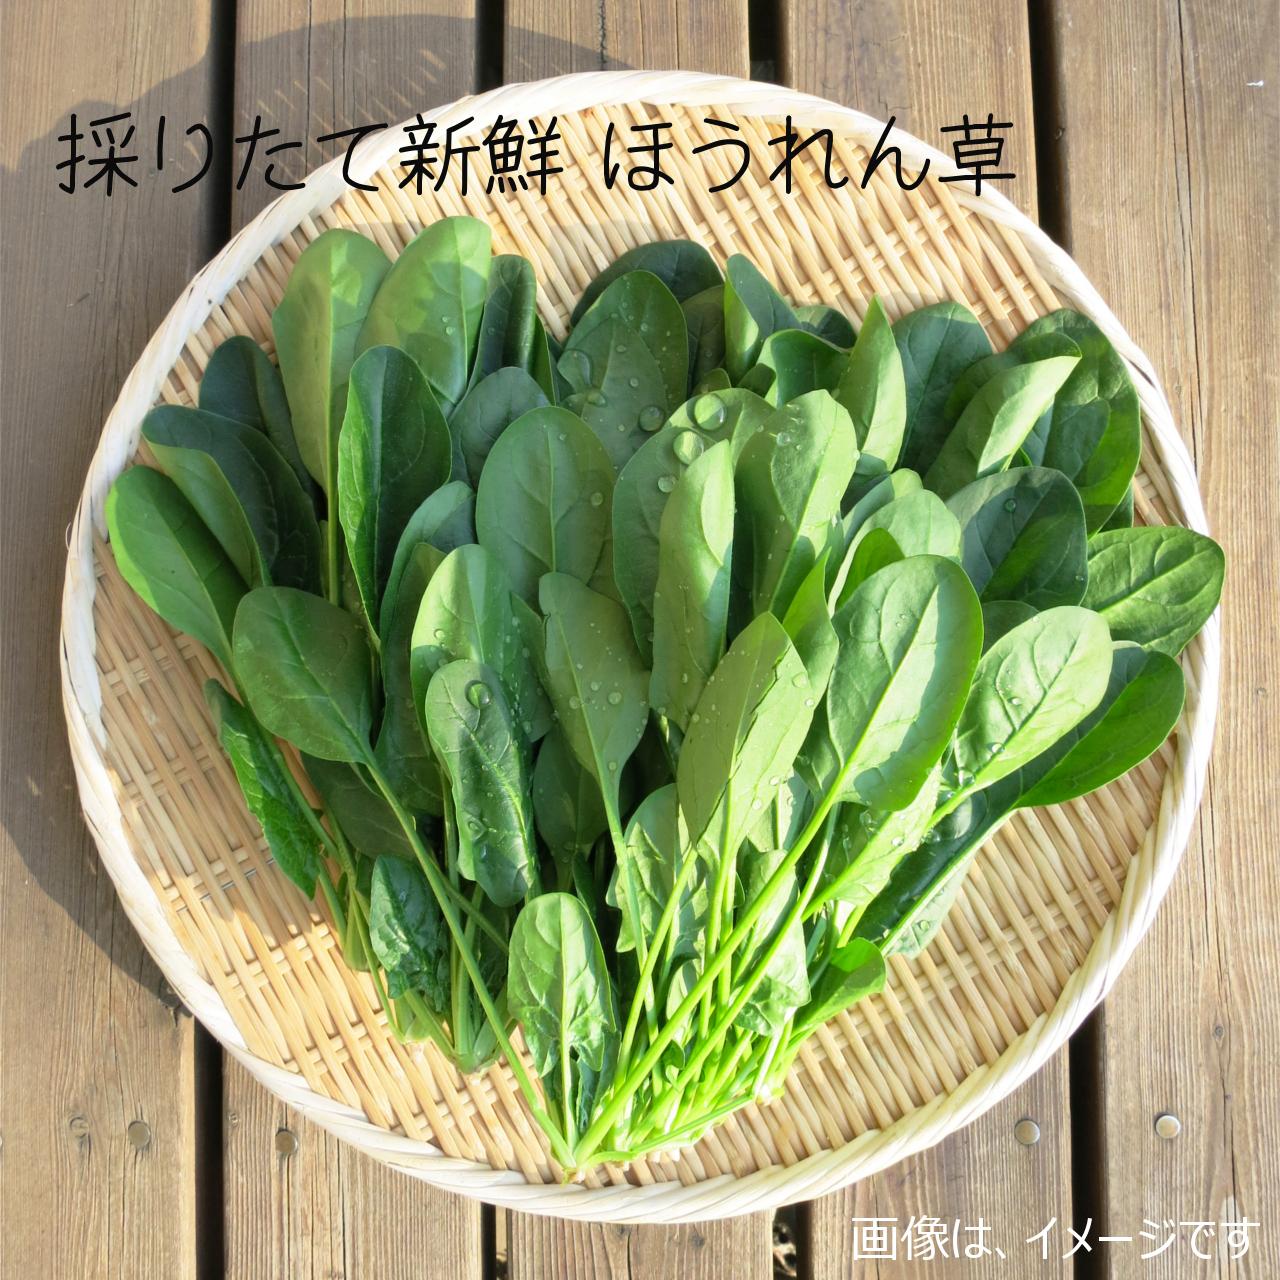 ホウレンソウ 約400g 朝採り直売野菜 7月の新鮮な夏野菜  7月11日発送予定